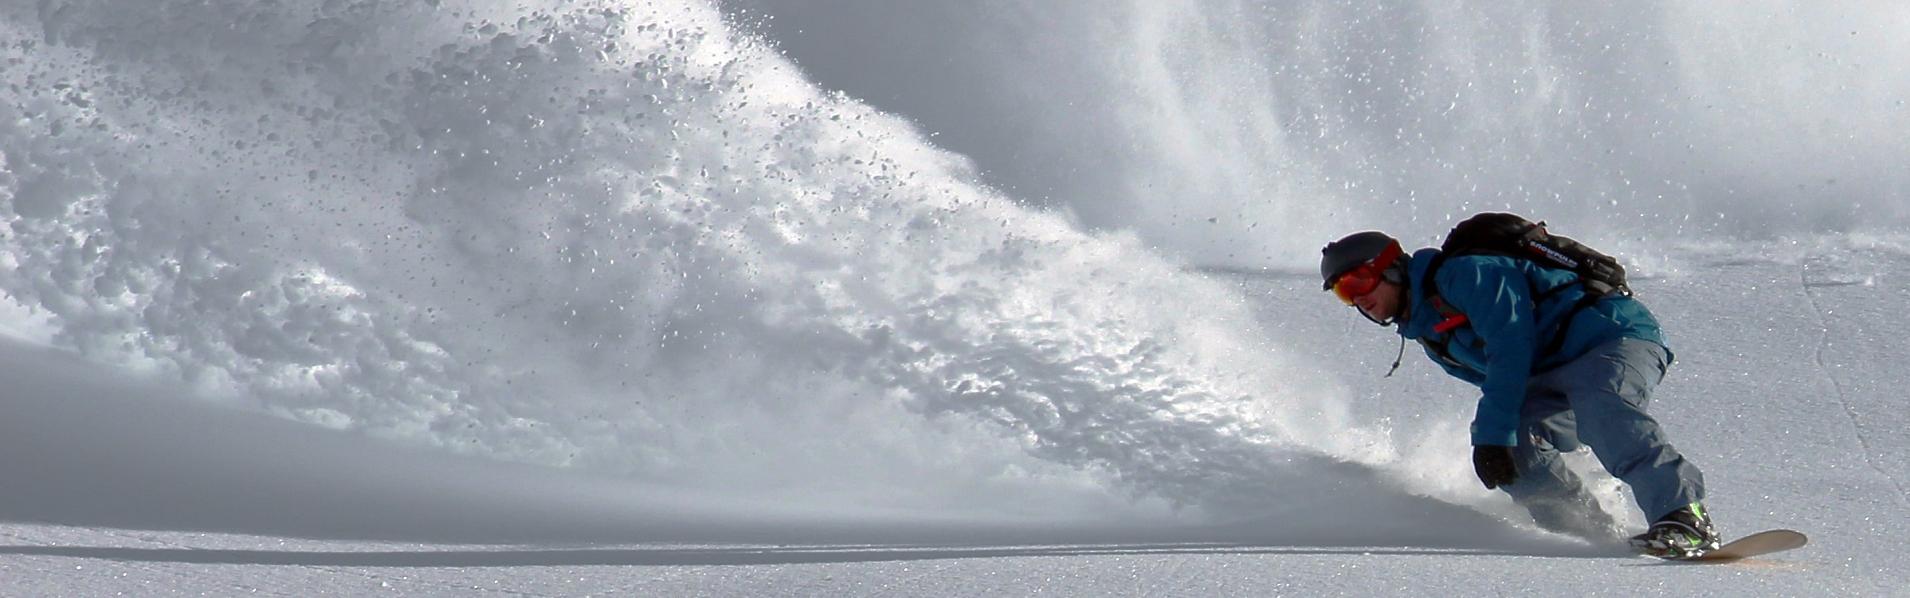 Snowboardschoenen